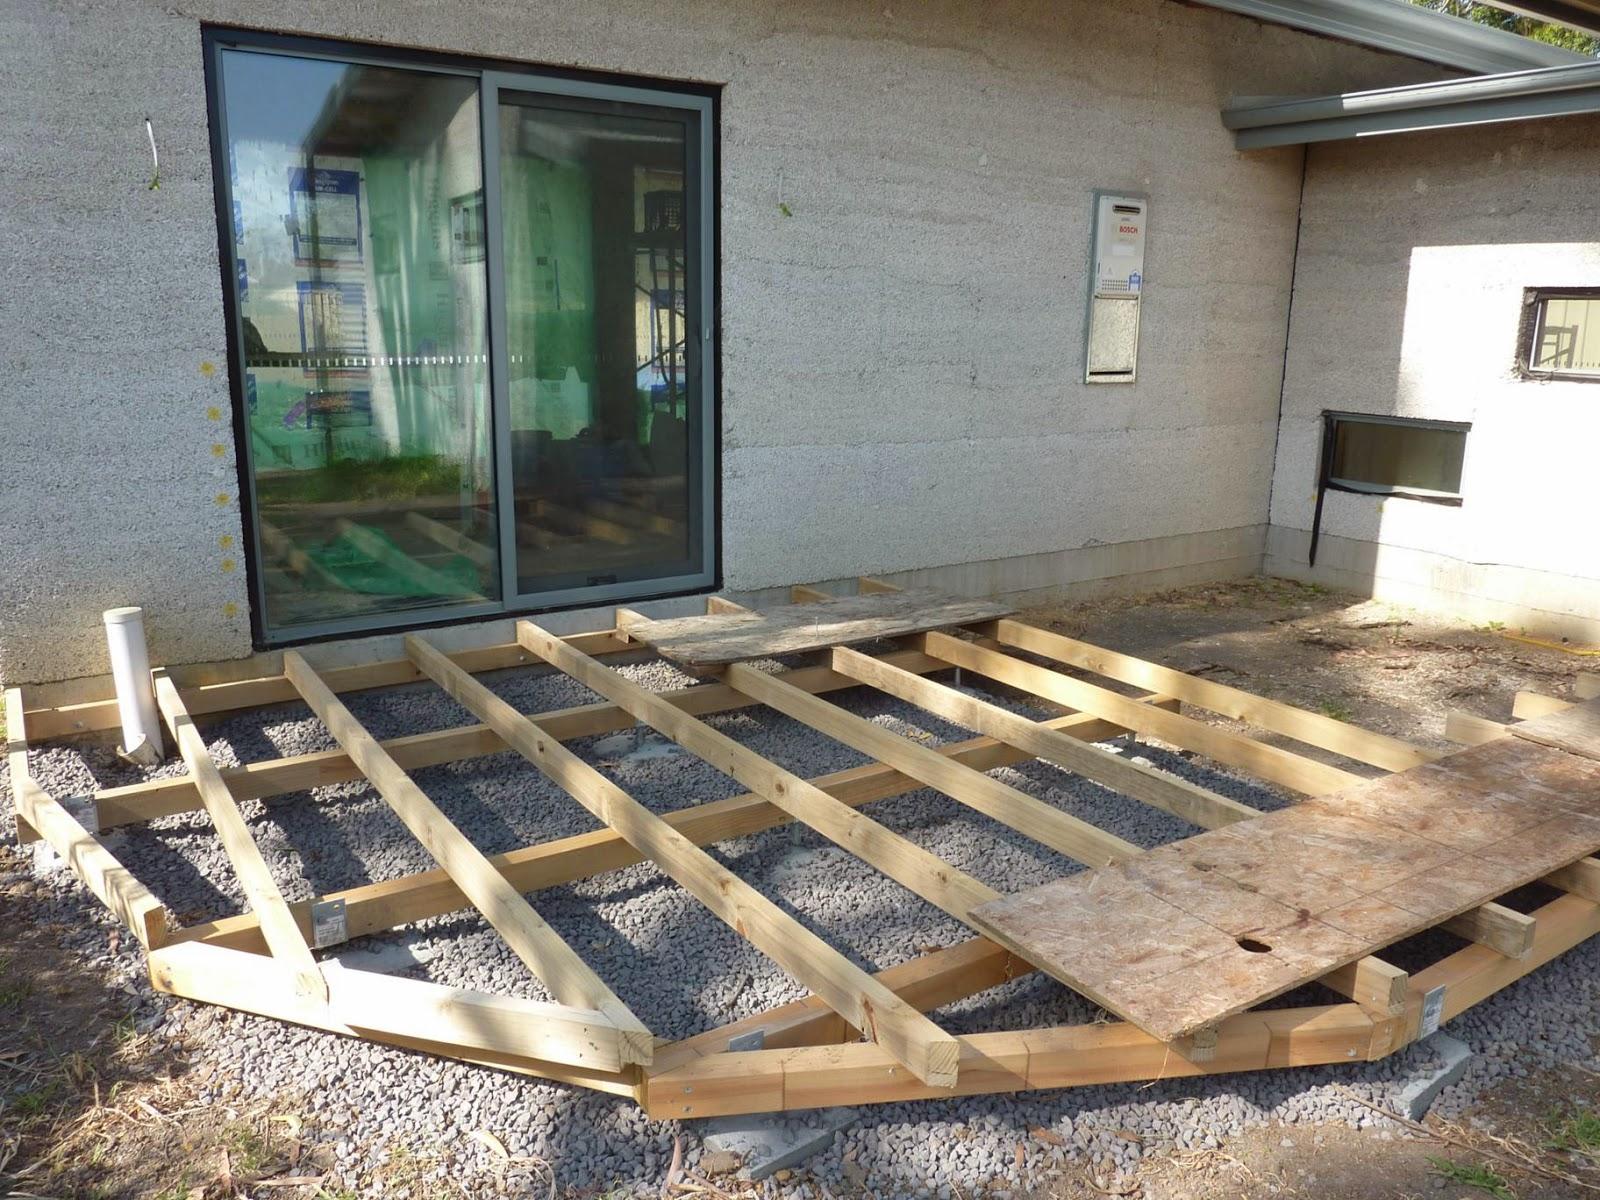 Culburra hemp house deck joists and garden mulch for Balcony joists